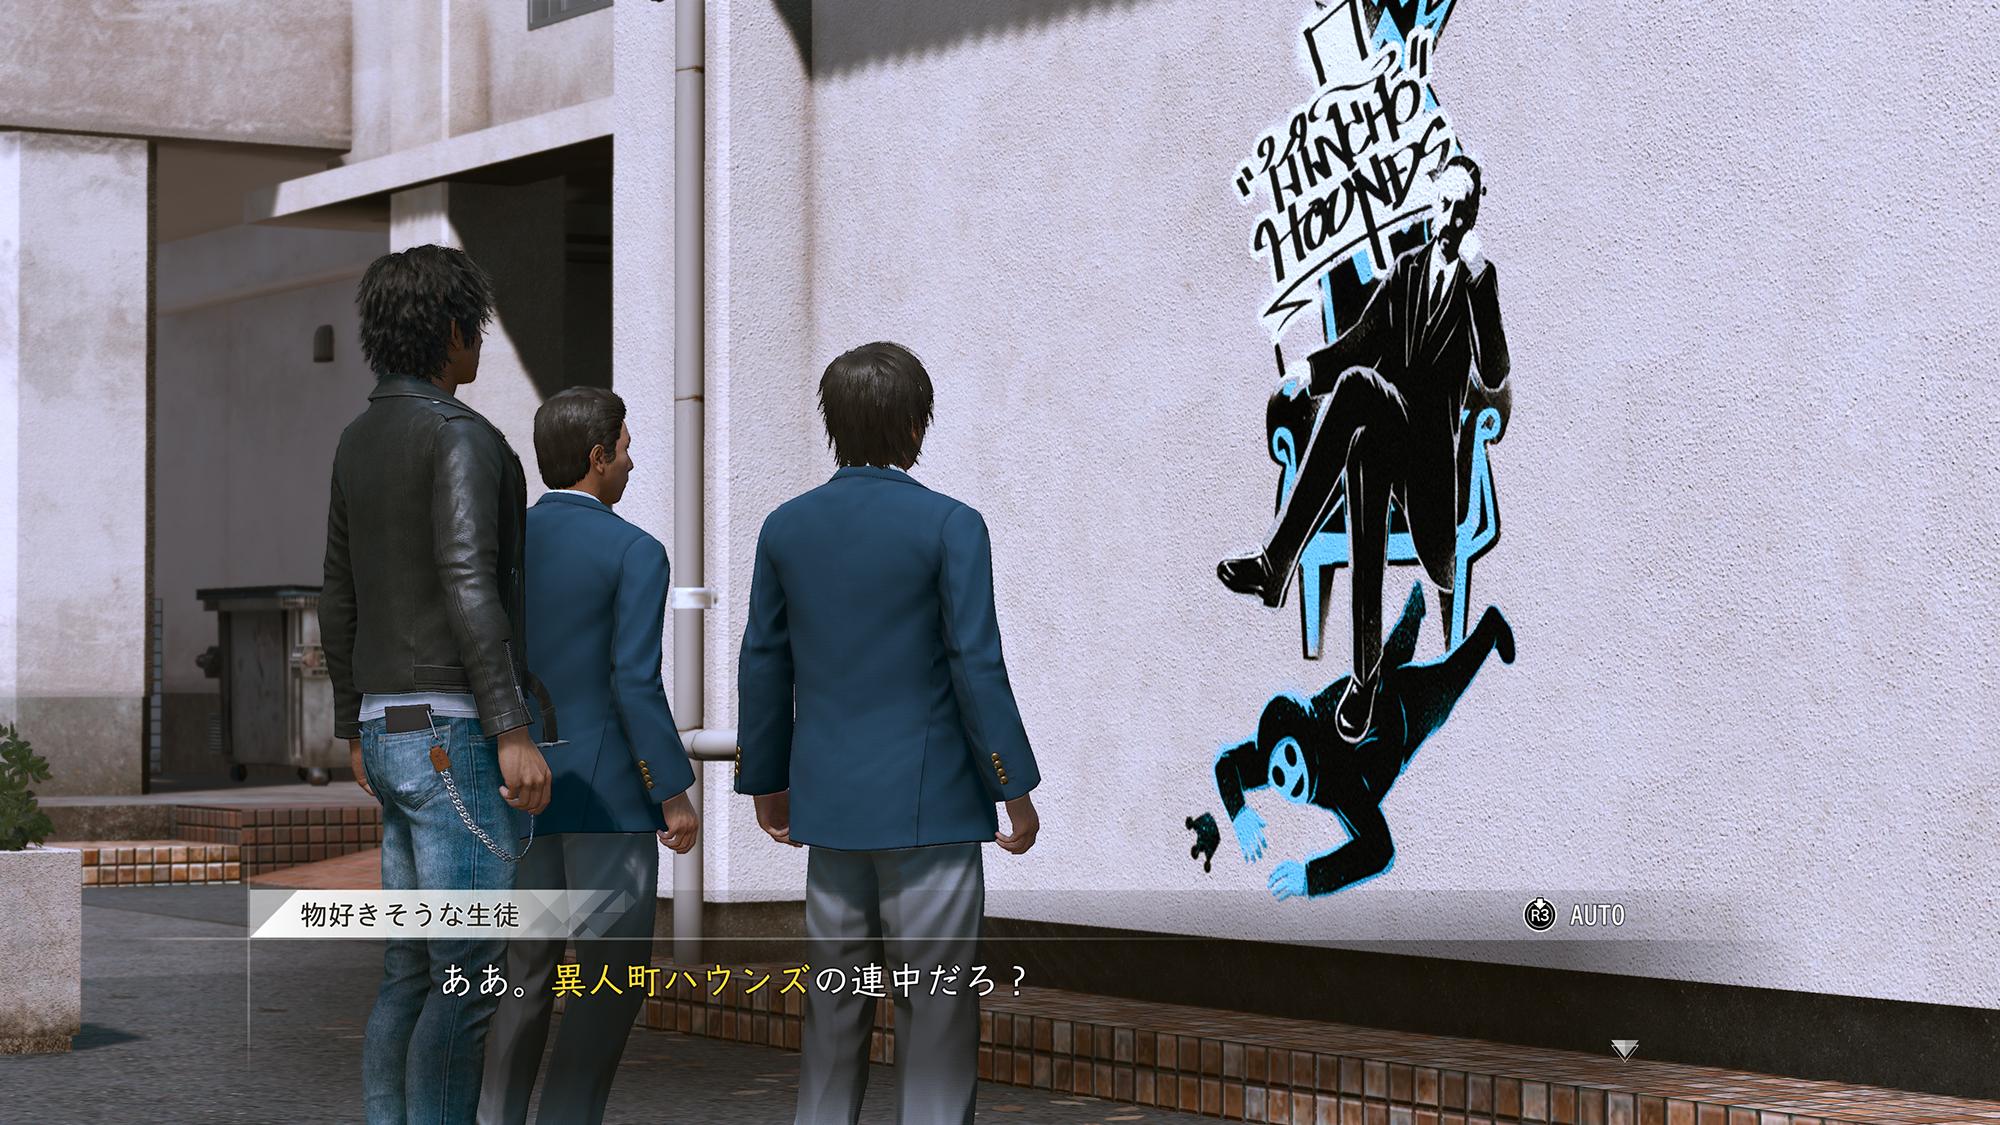 《审判之逝:湮灭的记忆》最新游戏系统公开 9.24日发售